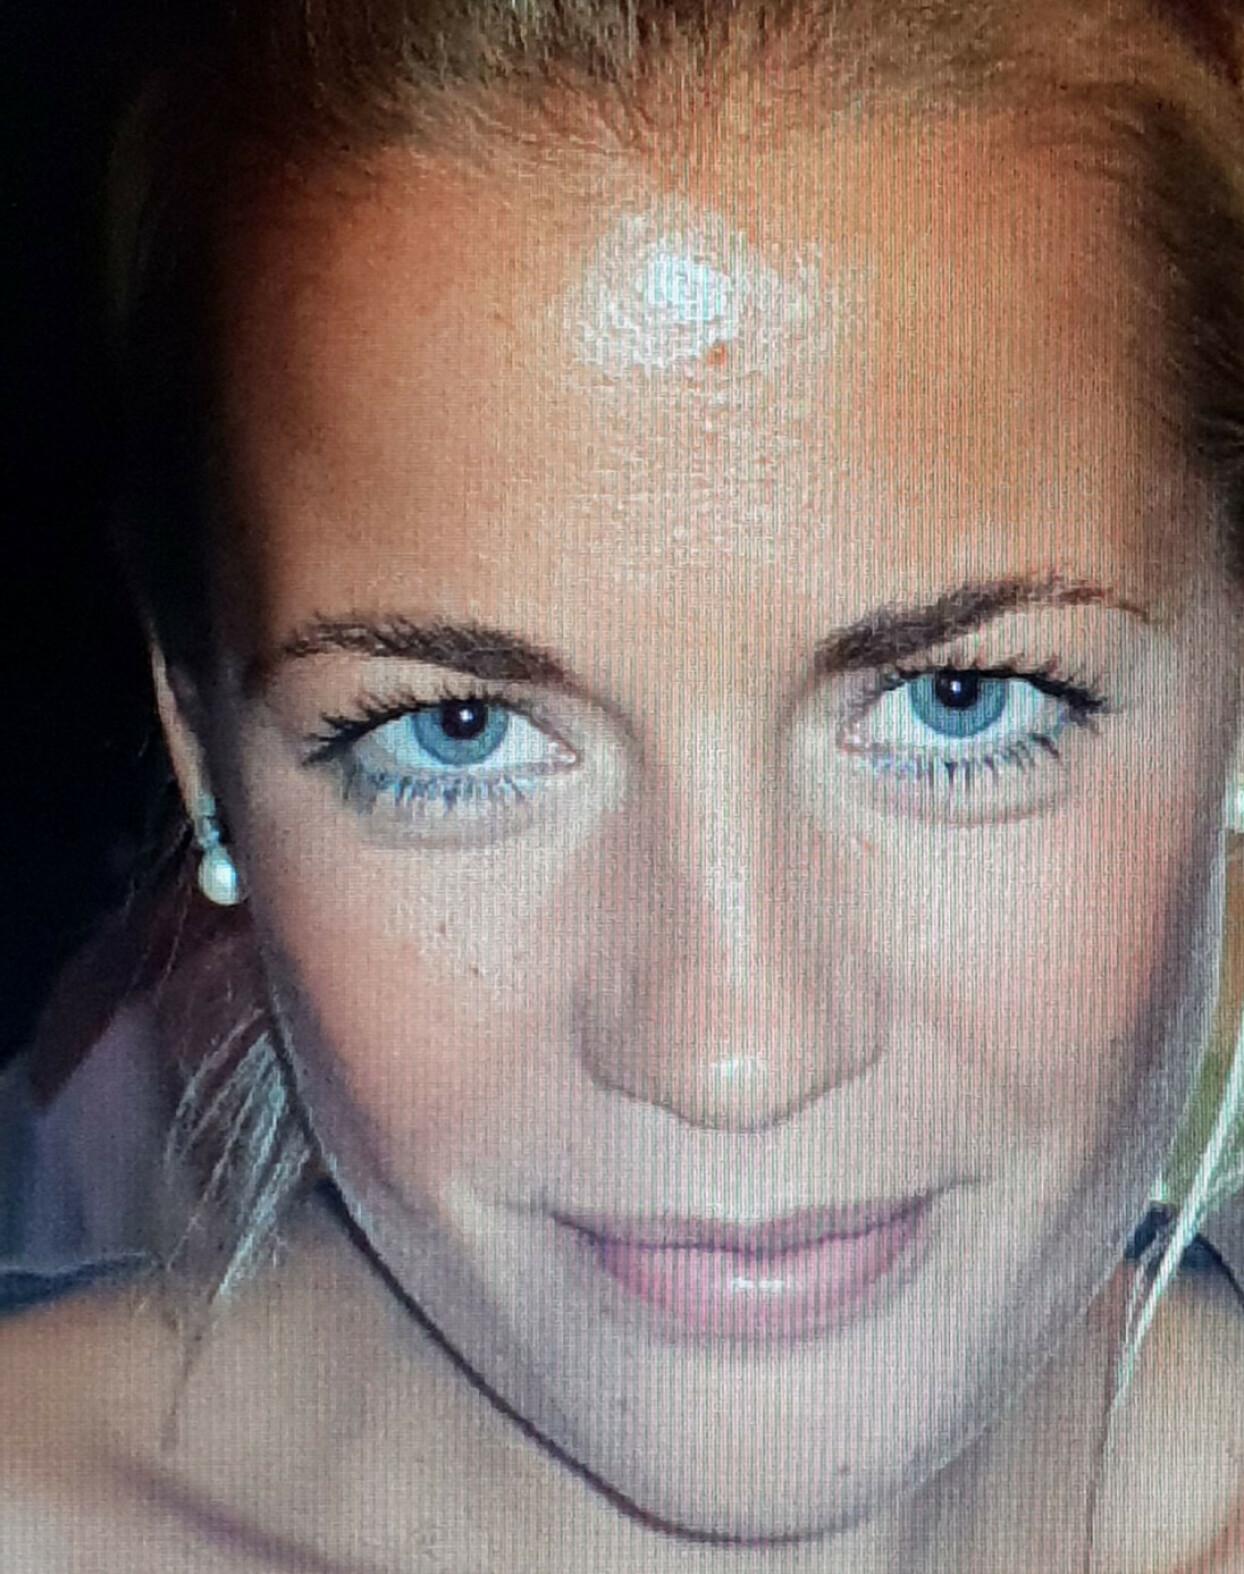 LIVSGLAD: Christina før operasjonen. En ung kvinne med yrkesliv og ekteskap foran seg. FOTO: Privat